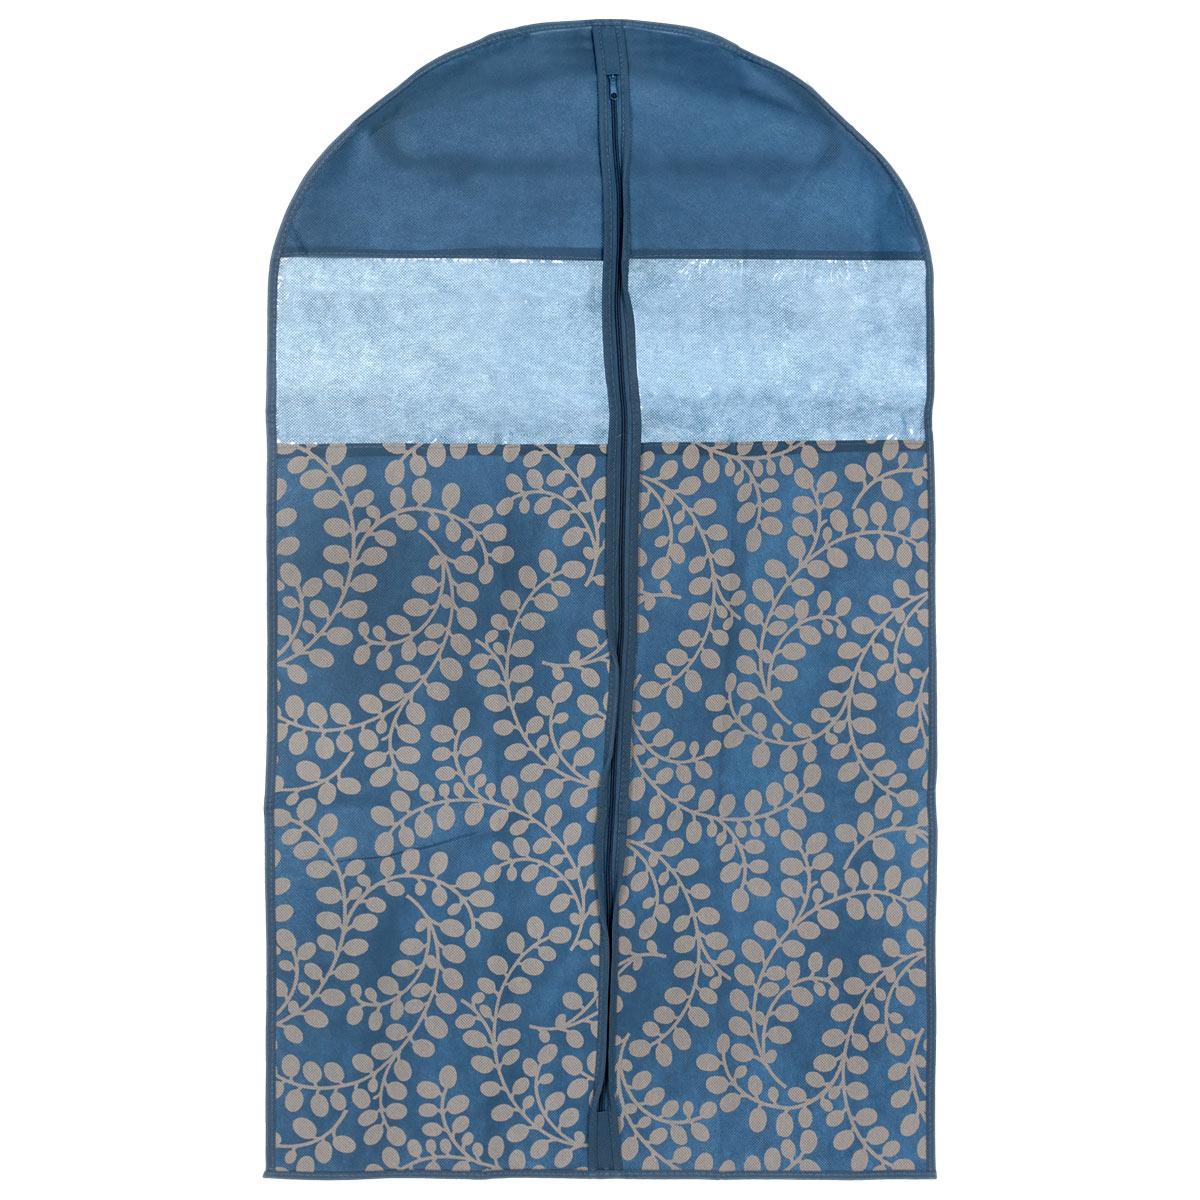 Чехол для пиджака Voila Флораль, цвет: синий, серый, 100 см х 60 см370044Легкий чехол Voila Флораль выполнен из дышащего нетканого материала (полипропилен), безопасного в использовании. Чехол предназначен для курток, пиджаков и жакетов. Имеет два прозрачных окна и специальное отверстие для крючка вешалки. Закрывается на молнию. Материал можно протирать в случае загрязнения влажной салфеткой или тряпкой. Изделие защищает одежду от пыли, моли, солнечных лучей и загрязнения, в то же время хорошо пропускает воздух. Чехол оформлен оригинальным рисунком. Чехол Voila Флораль надежно сохранит вашу одежду.